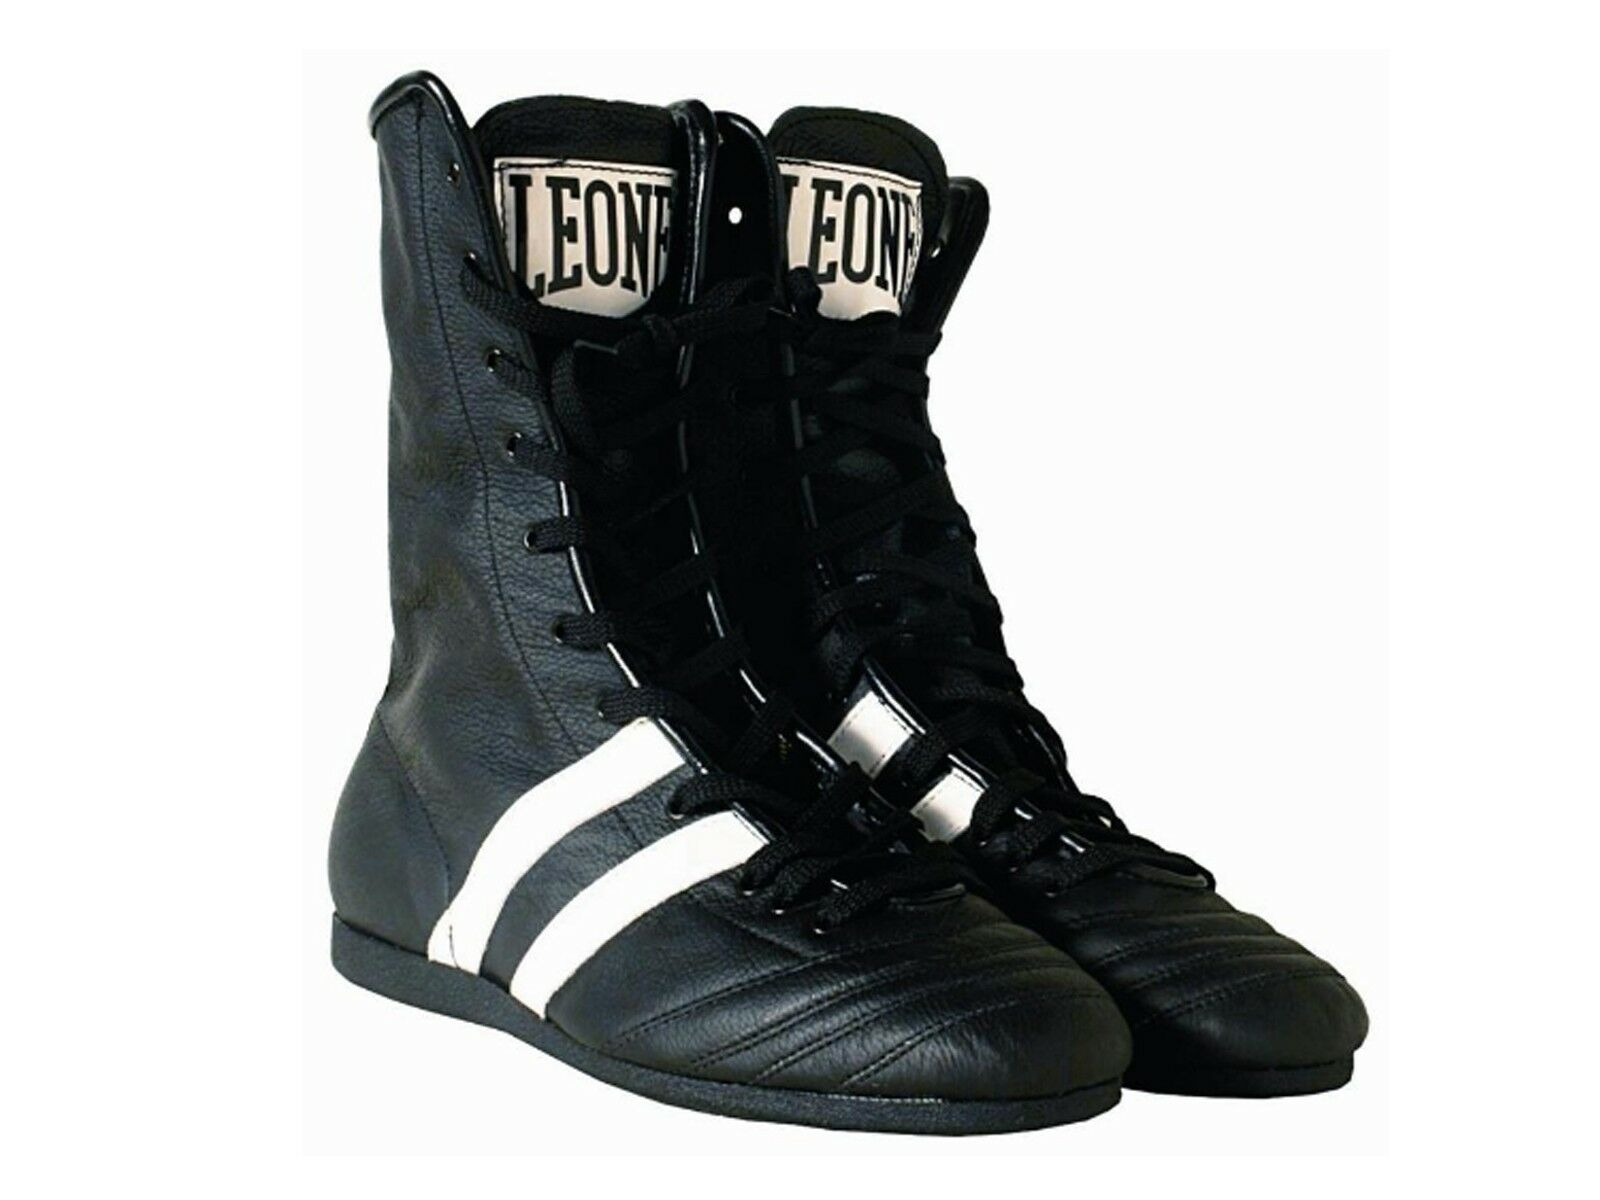 Schuhe UOMO LEONE  CL186 01 STIVALETTI BOXE NERO